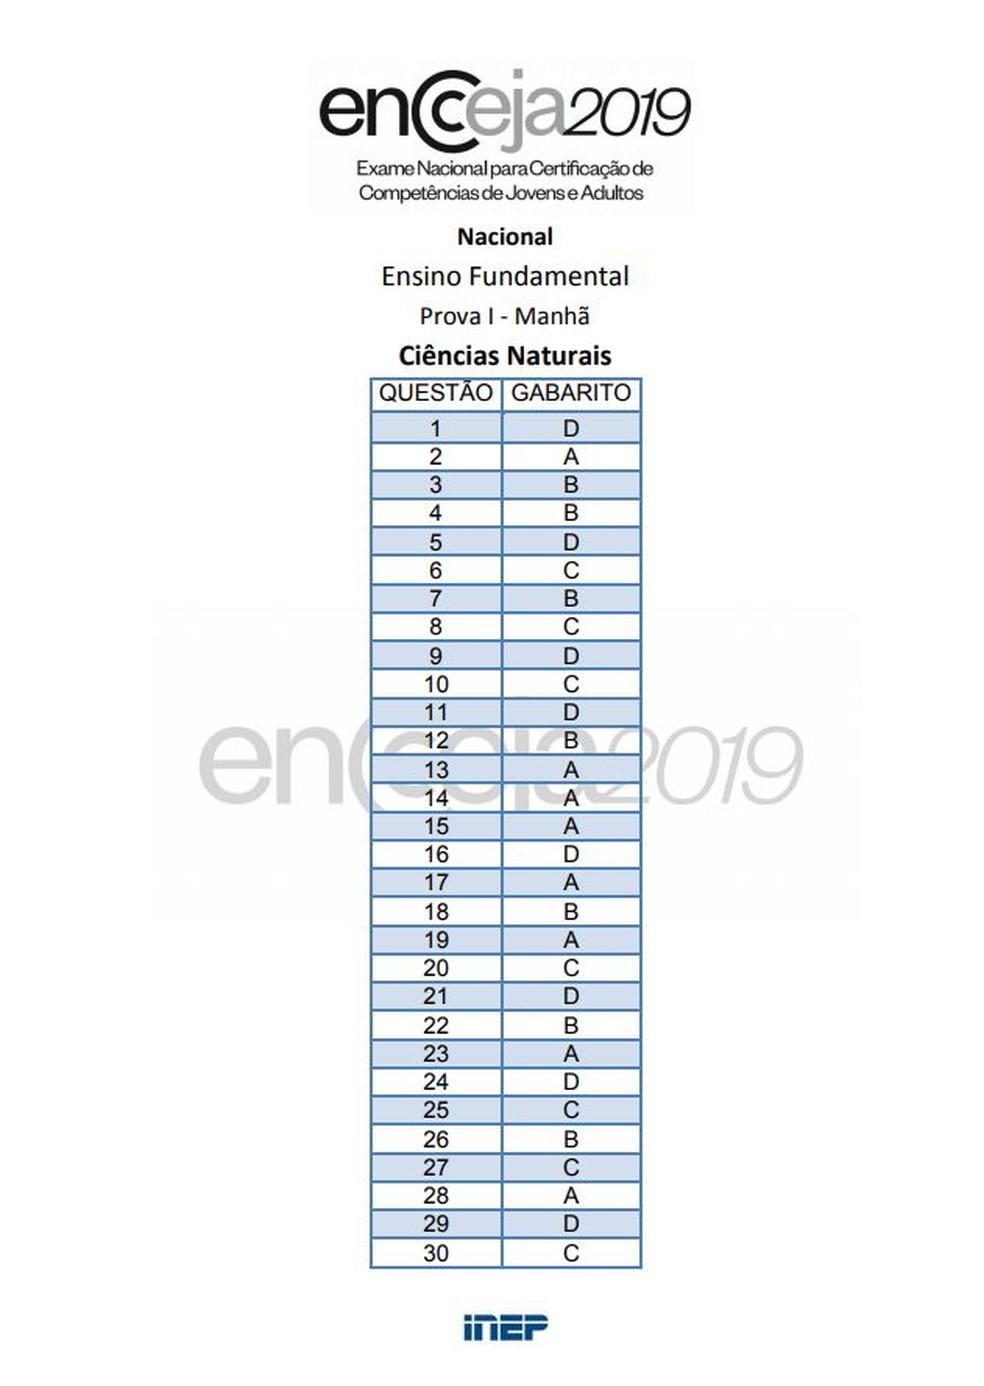 Gabarito Encceja 2019 ensino fundamental: prova de ciências naturais — Foto:  Reprodução/Inep